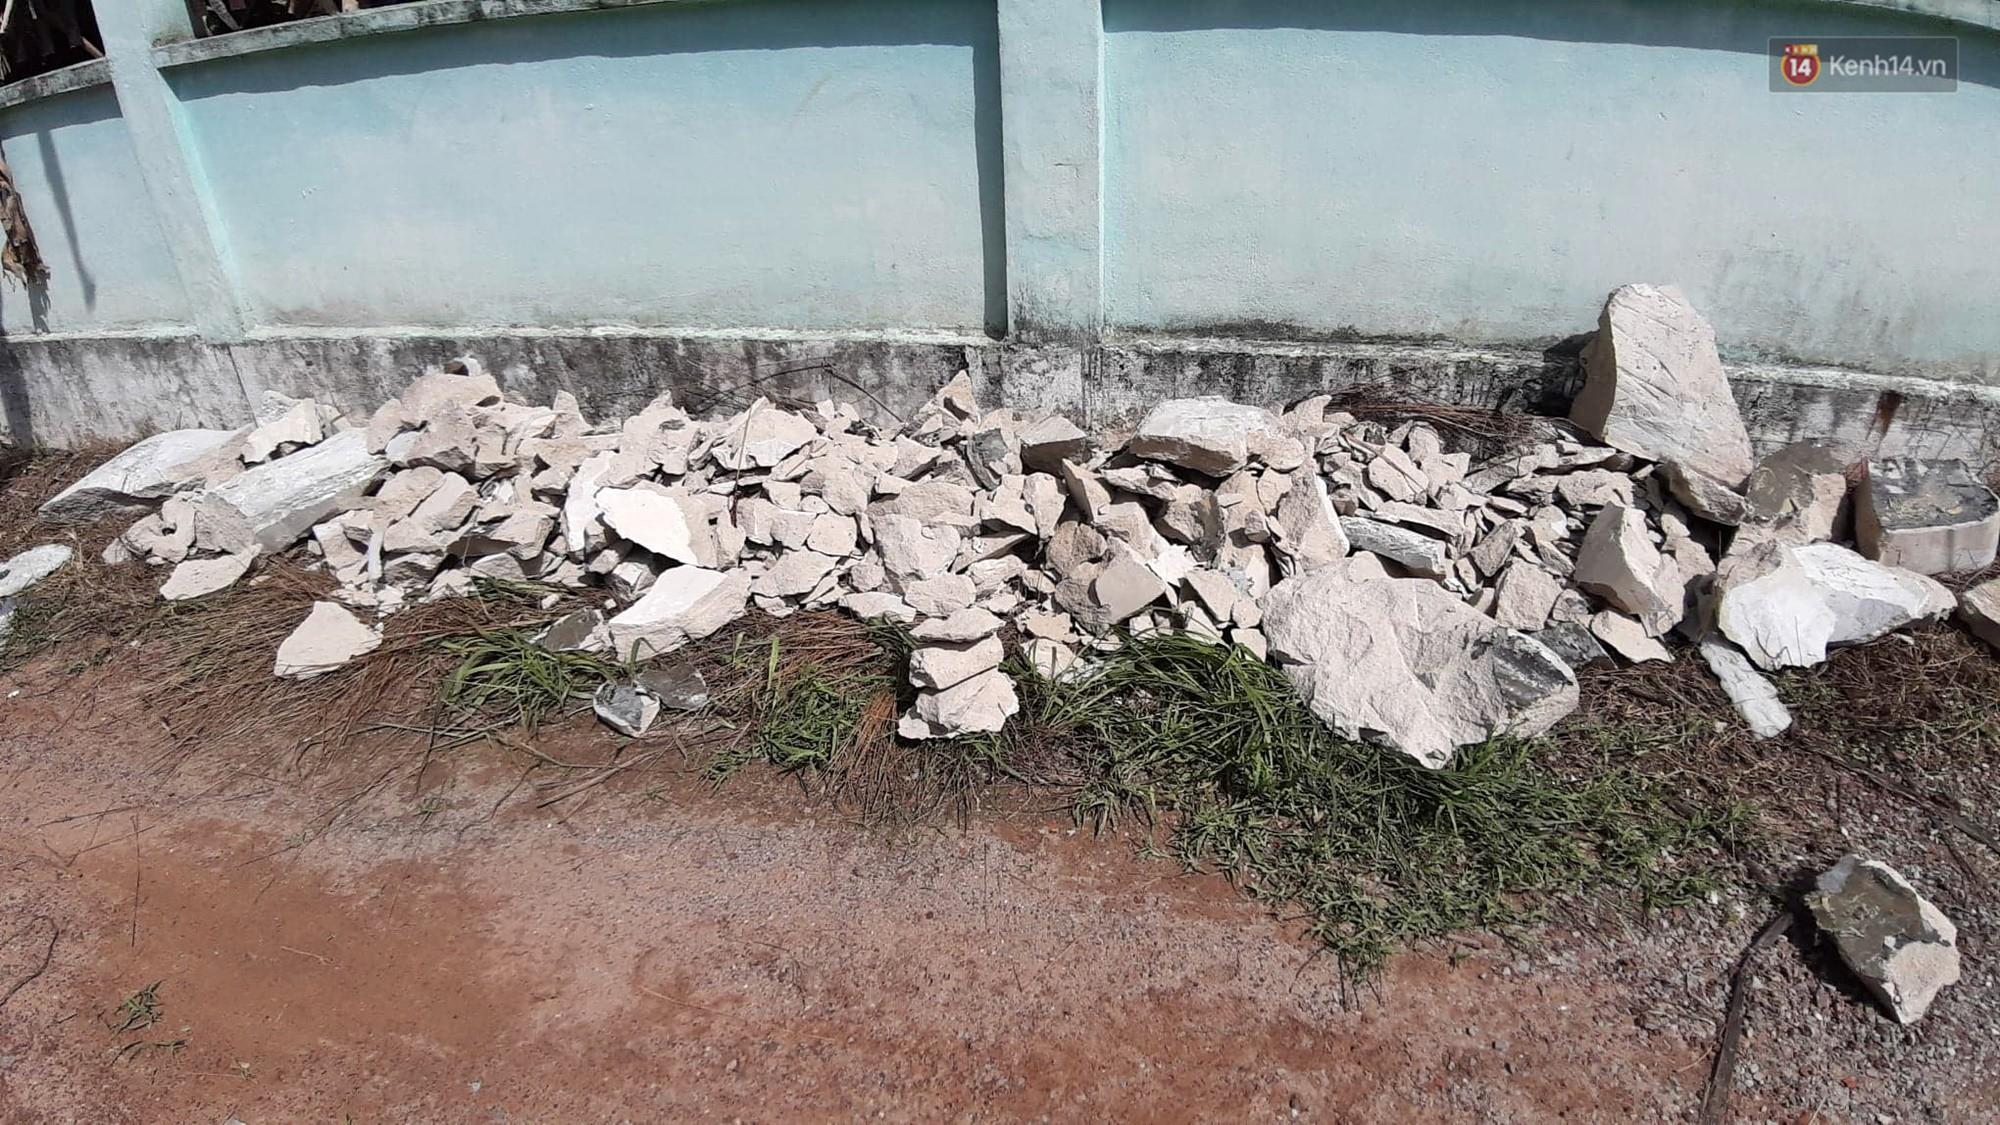 Vụ 2 thi thể trong thùng nhựa: Màn phi tang rùng rợn của hung thủ với bê tông, silicon và trà ướp xác-1